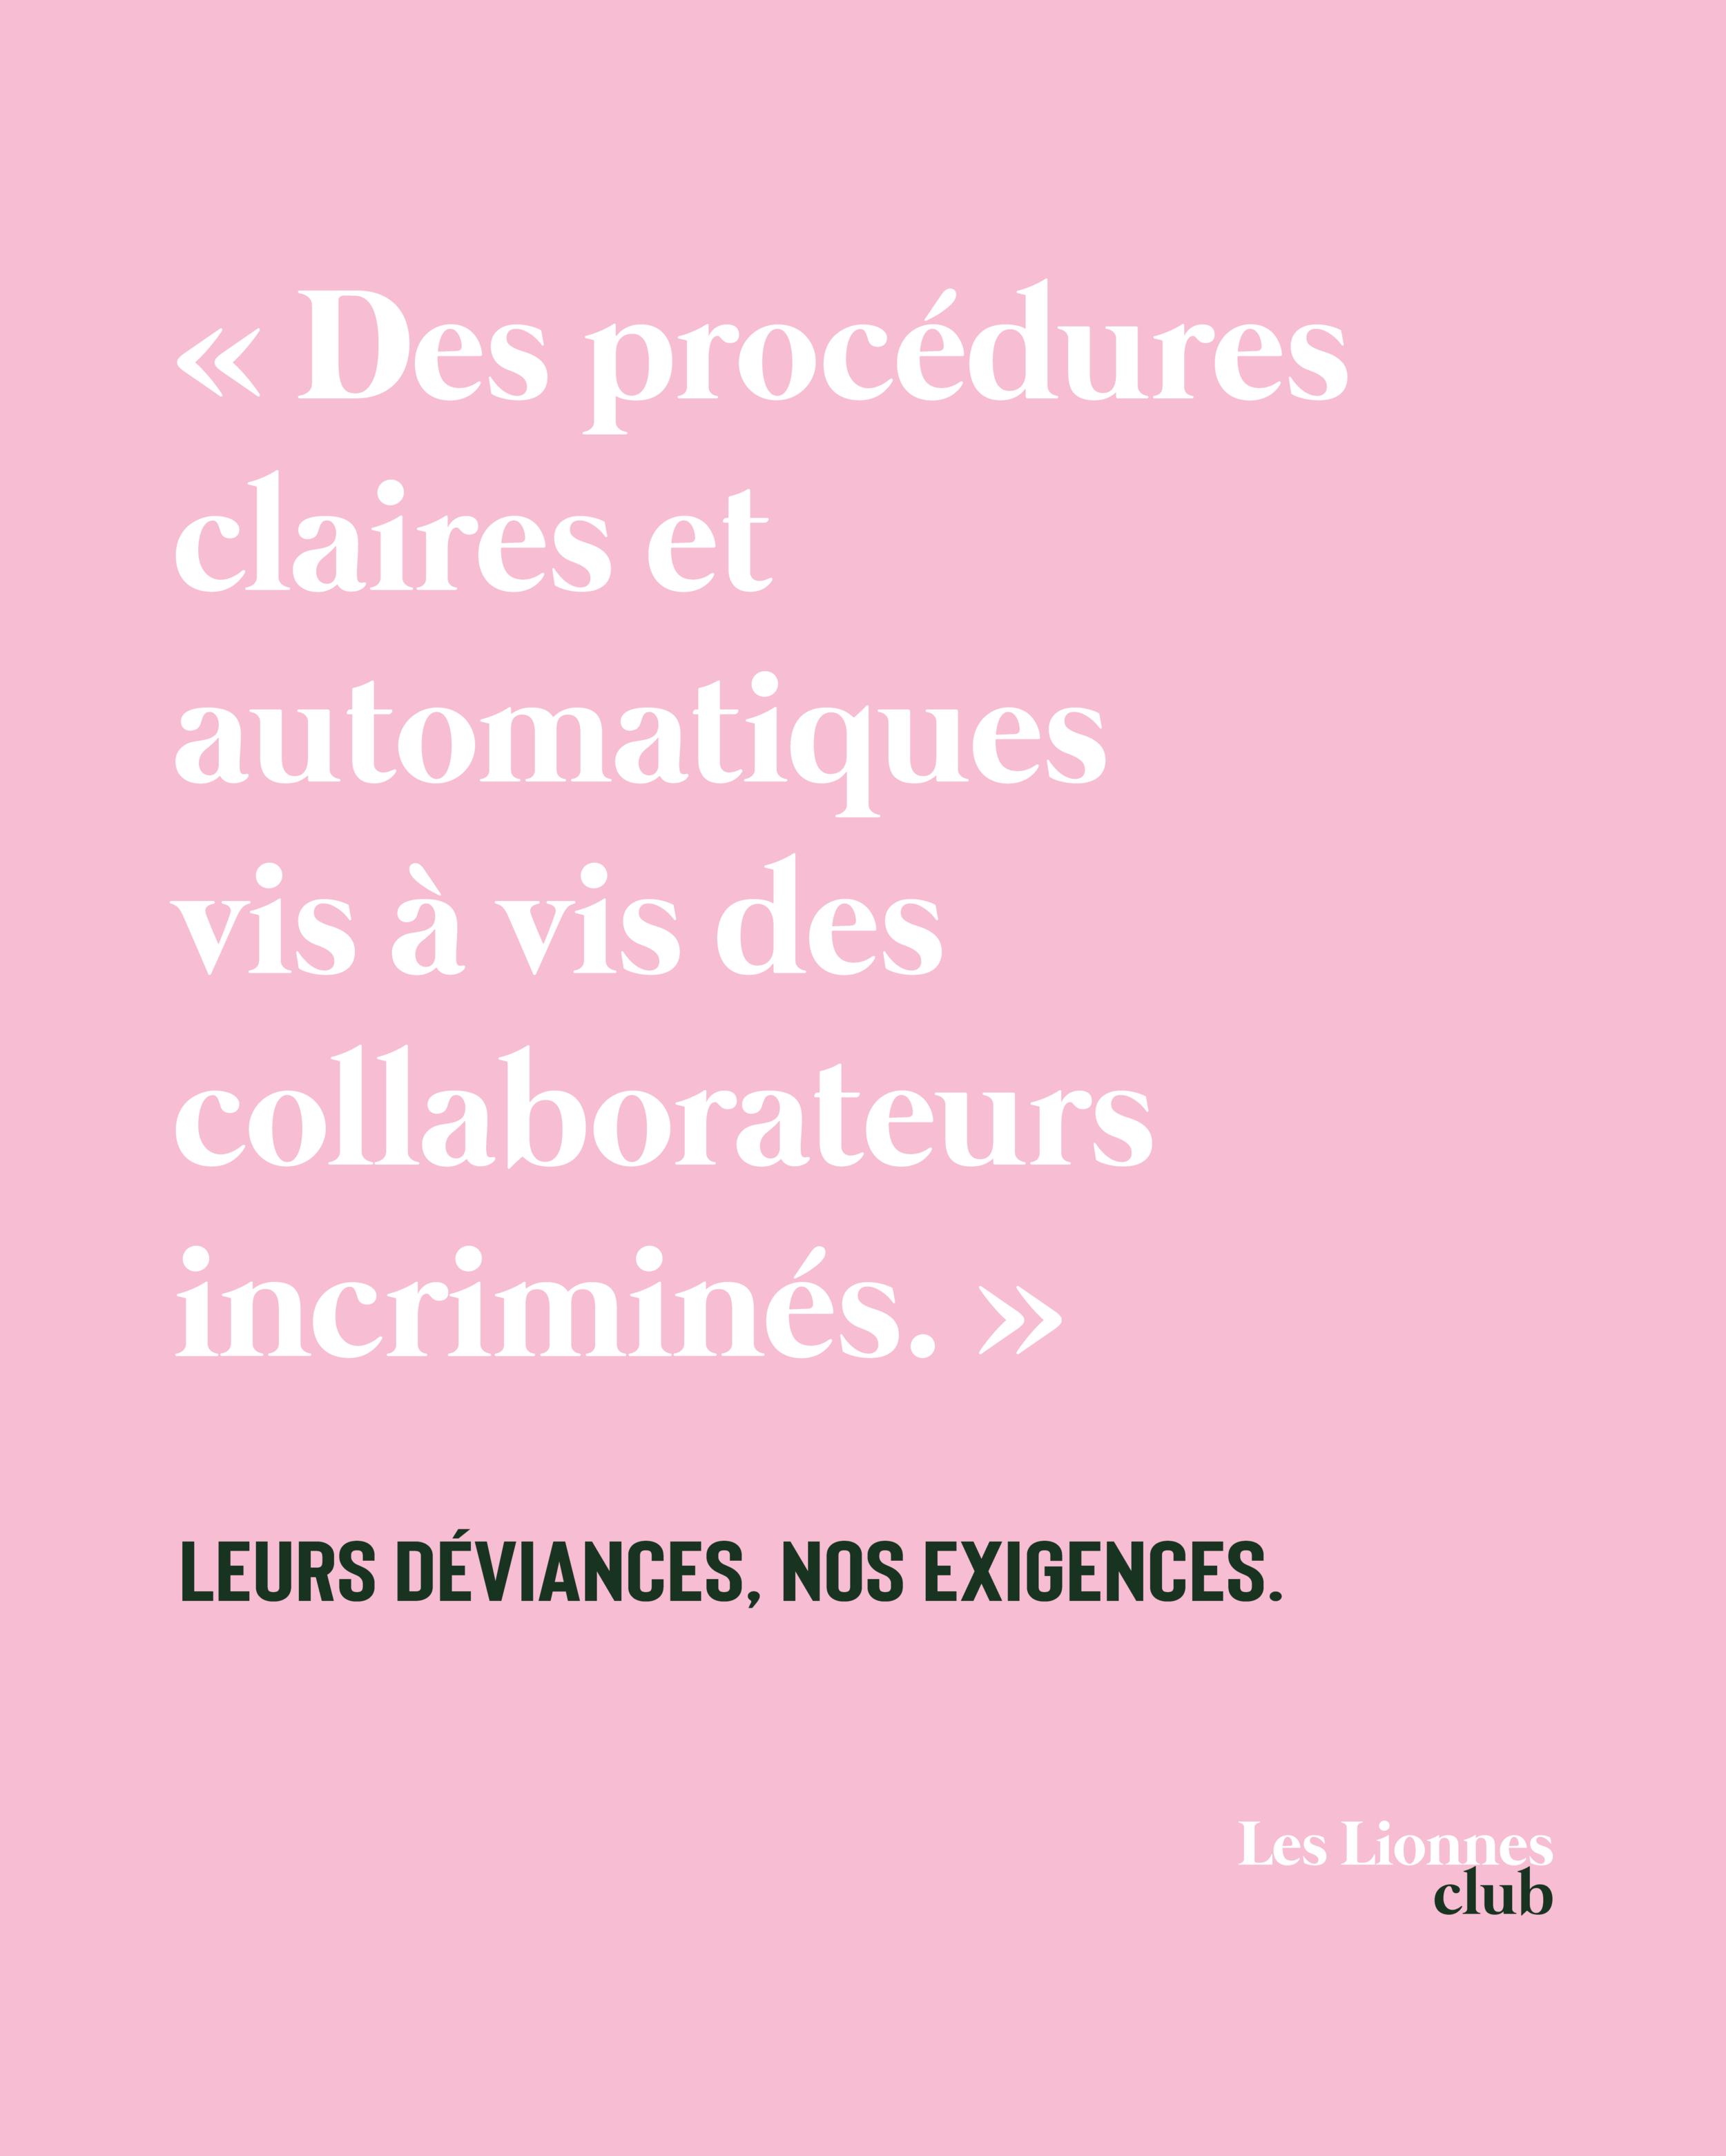 Procédures_fr INSTA.png